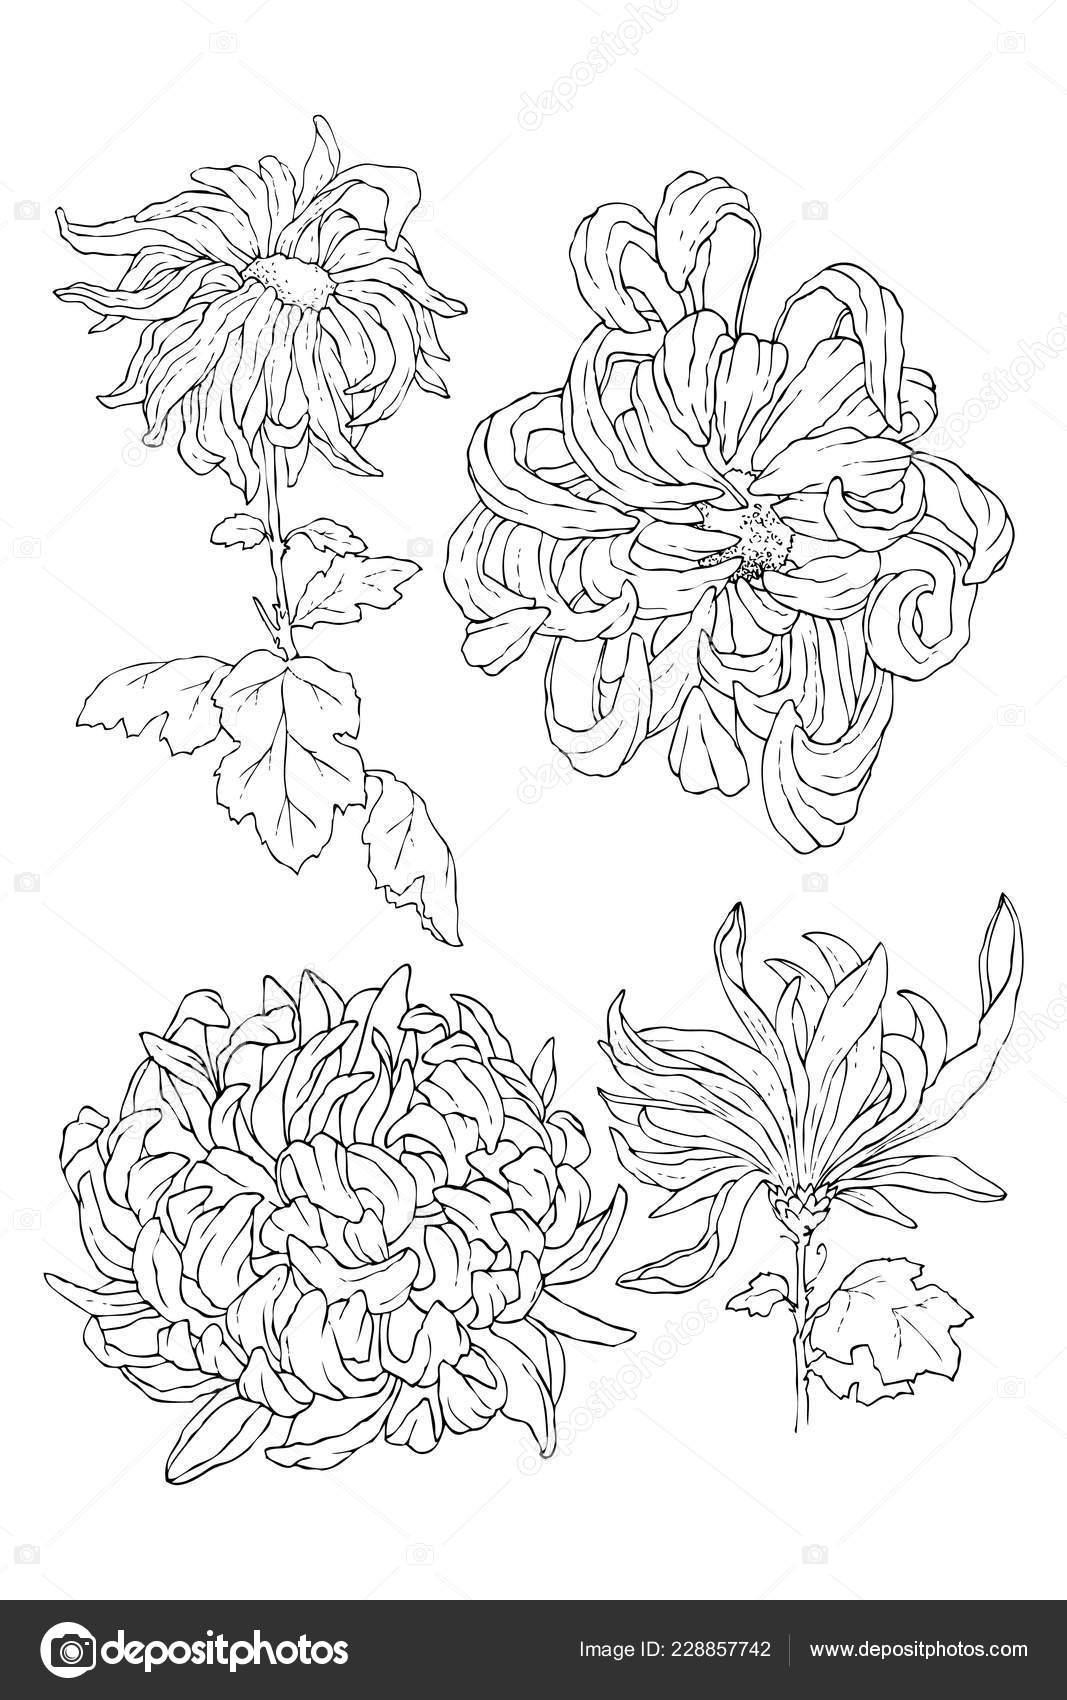 Dessin Au Trait Chrysantemum Pour Coloriage Livre Ou Un